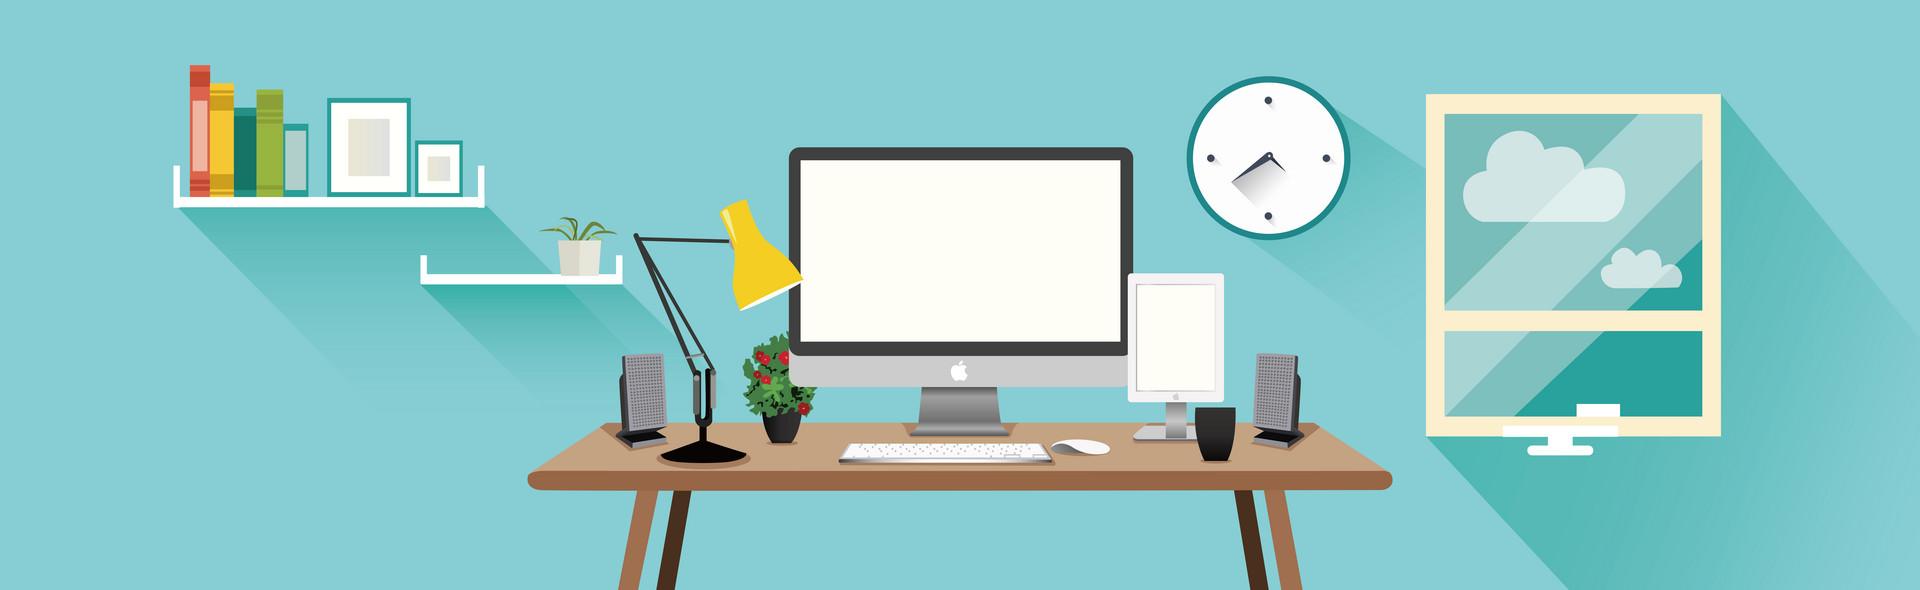 有哪些快速做工资条的方法?不熟悉办公App怎么办?